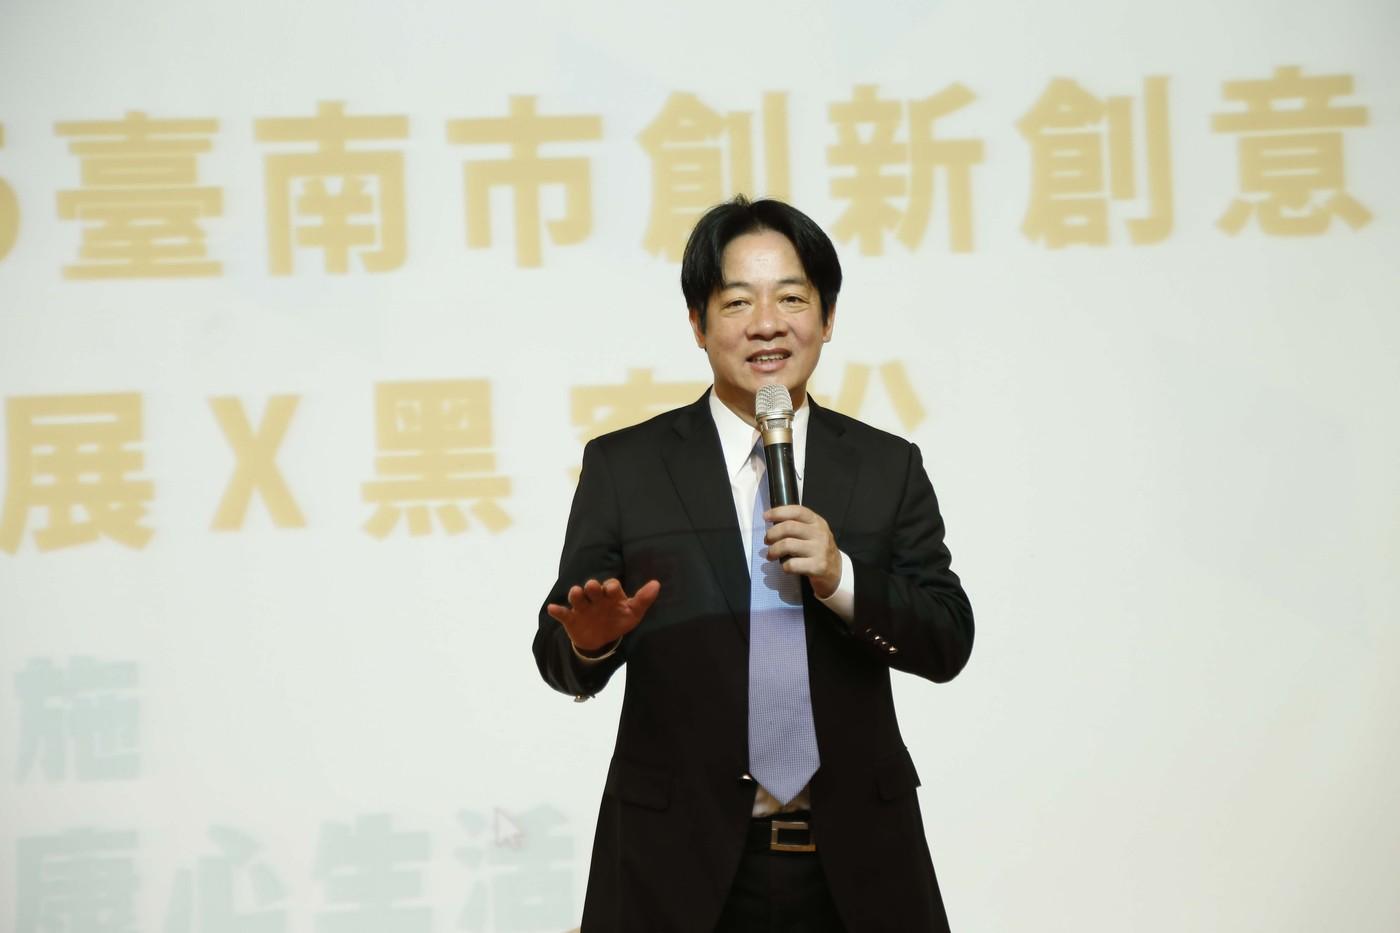 臺南創新創意推動計畫,以一條龍輔導打造創意夢想家的圓夢舞台